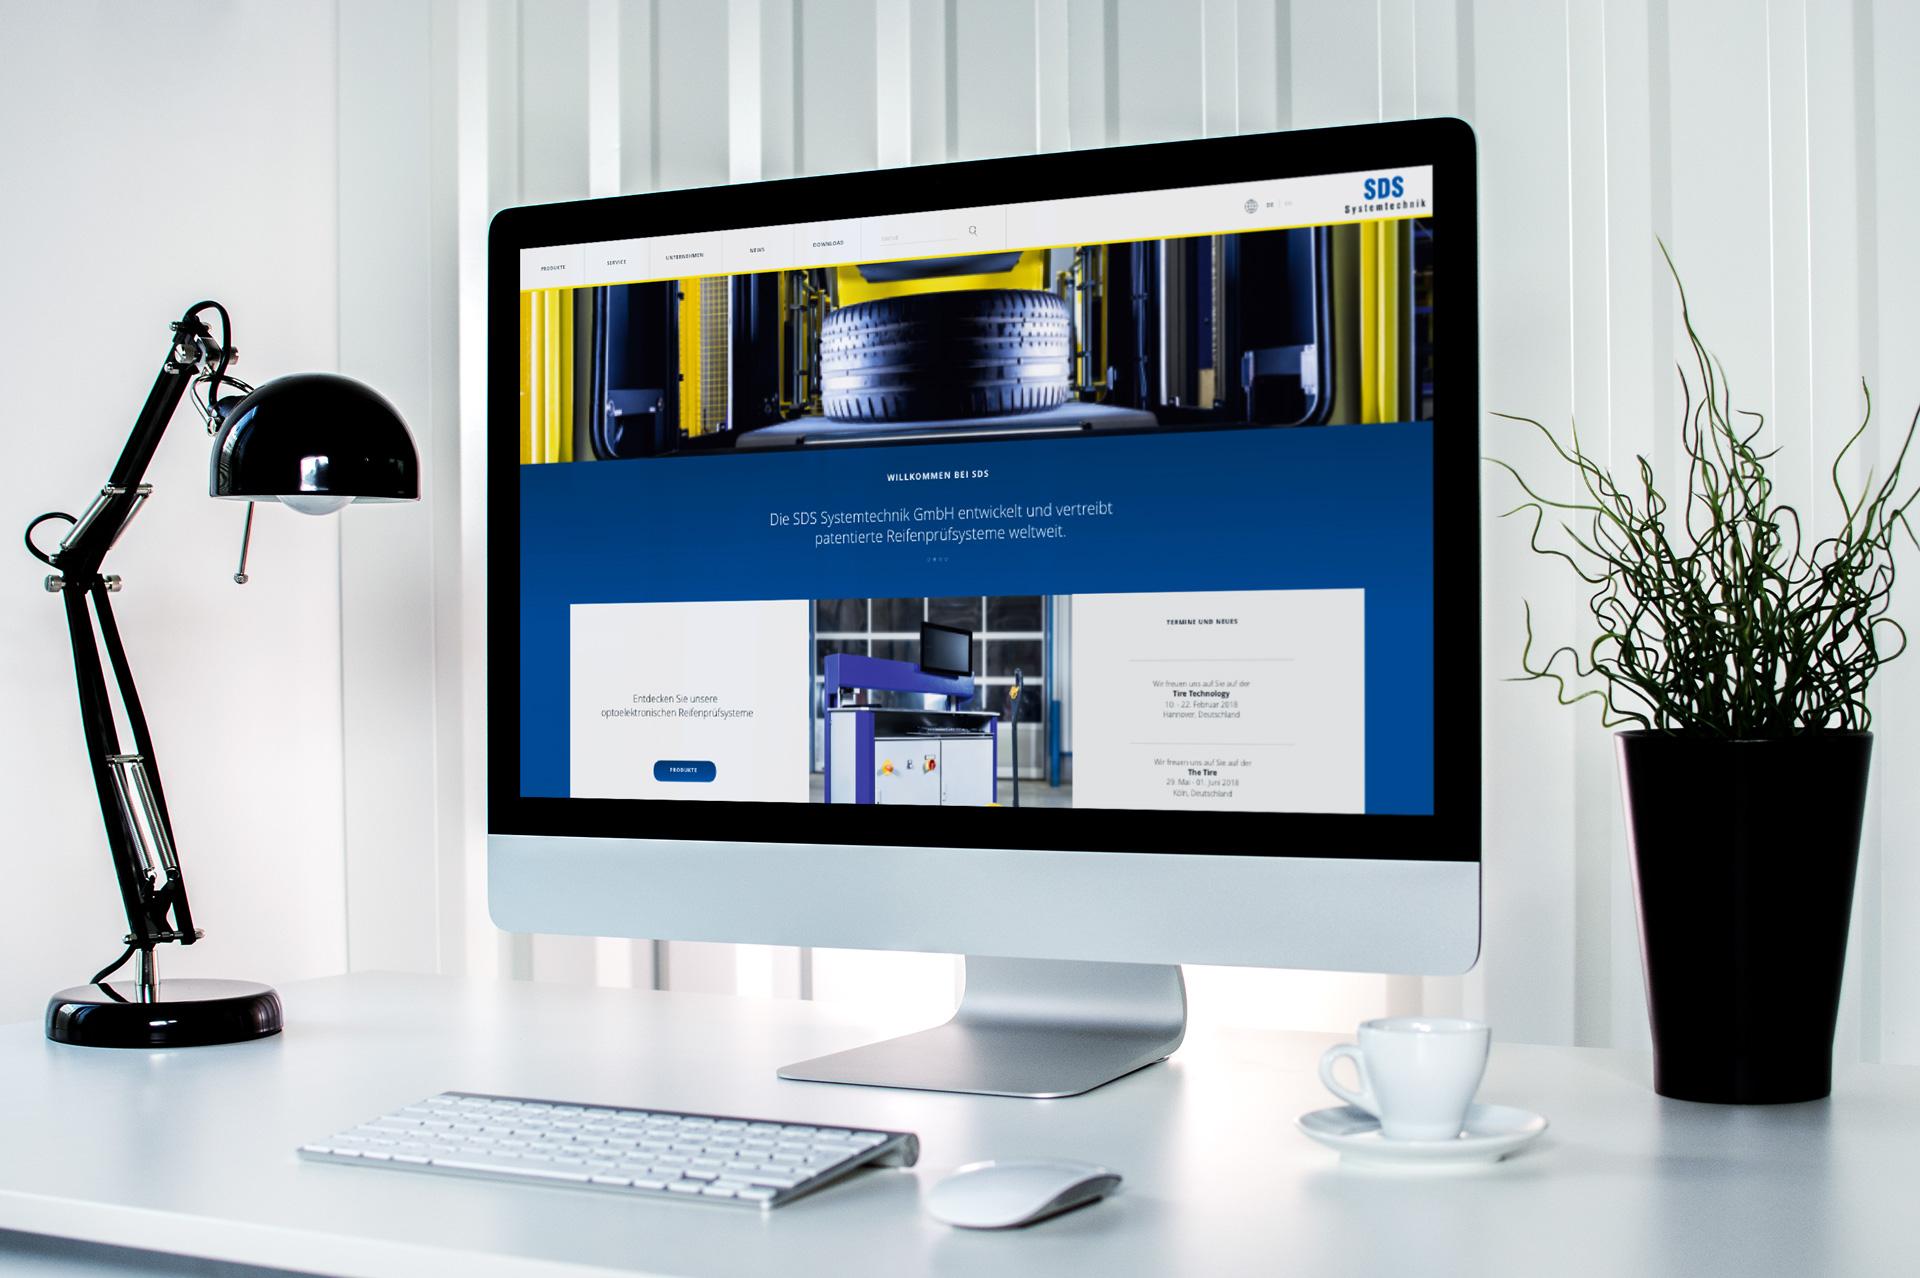 Screen der Website SDS Systemtechnik